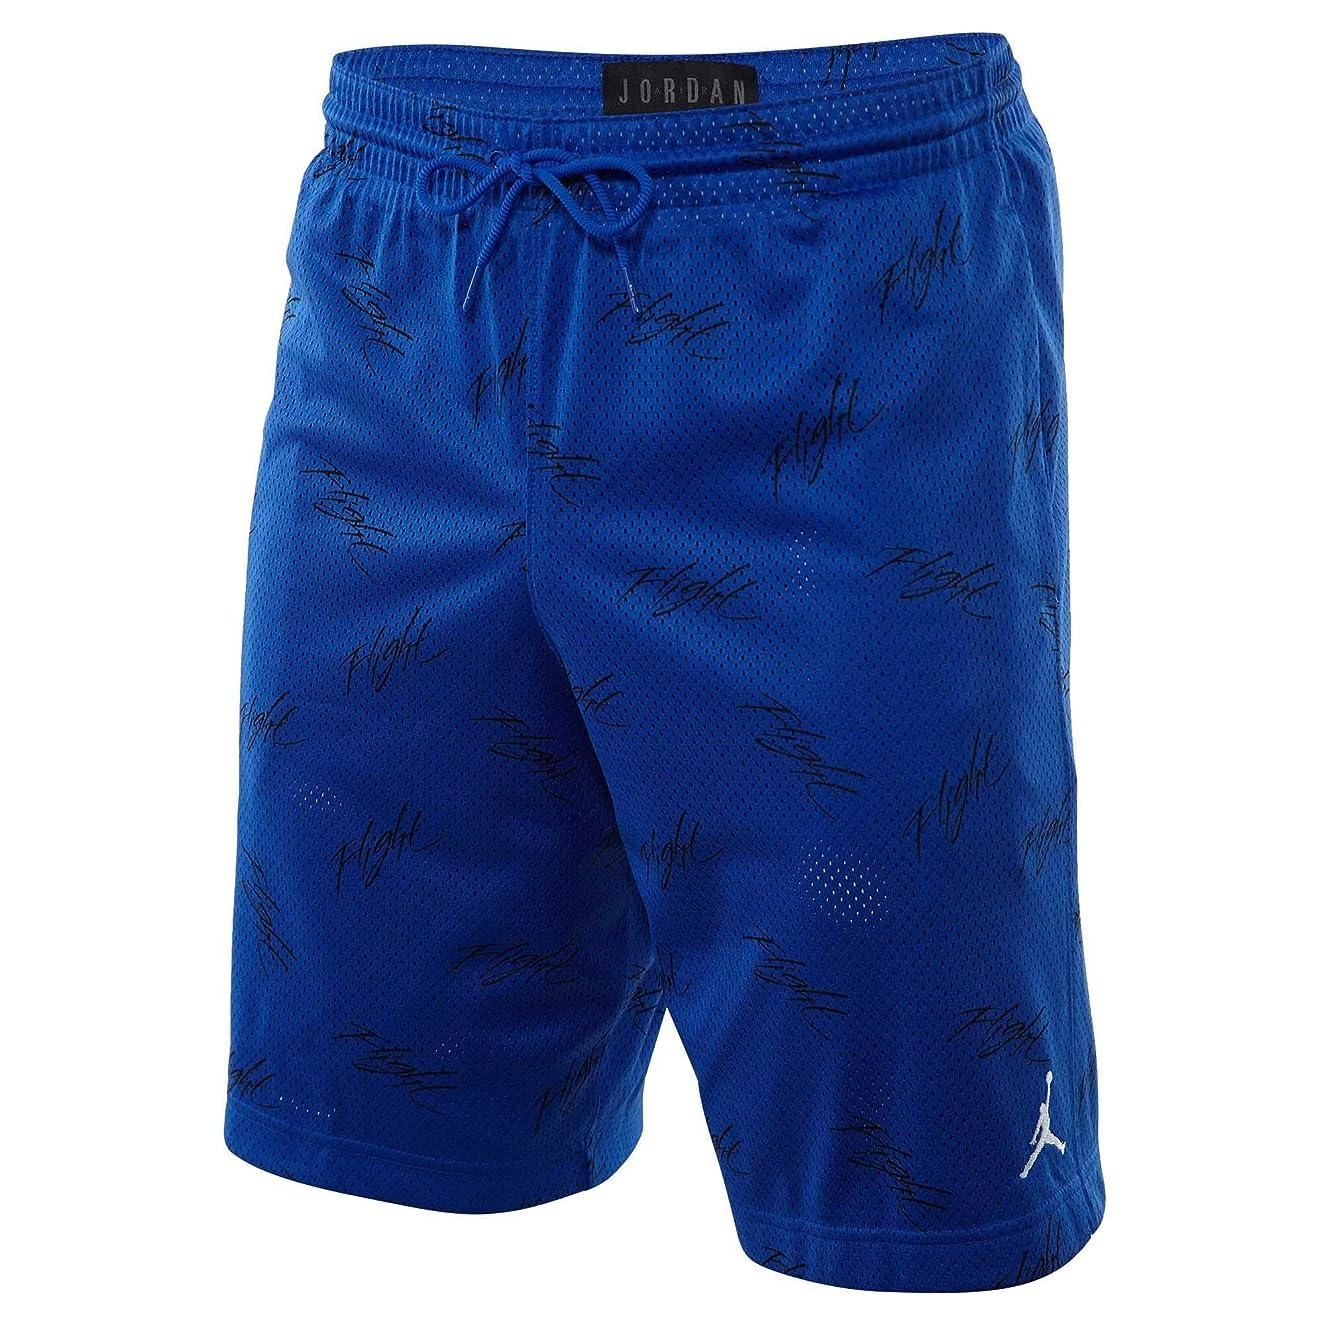 Jordan Sportswear Jumpman Flight Short Mens